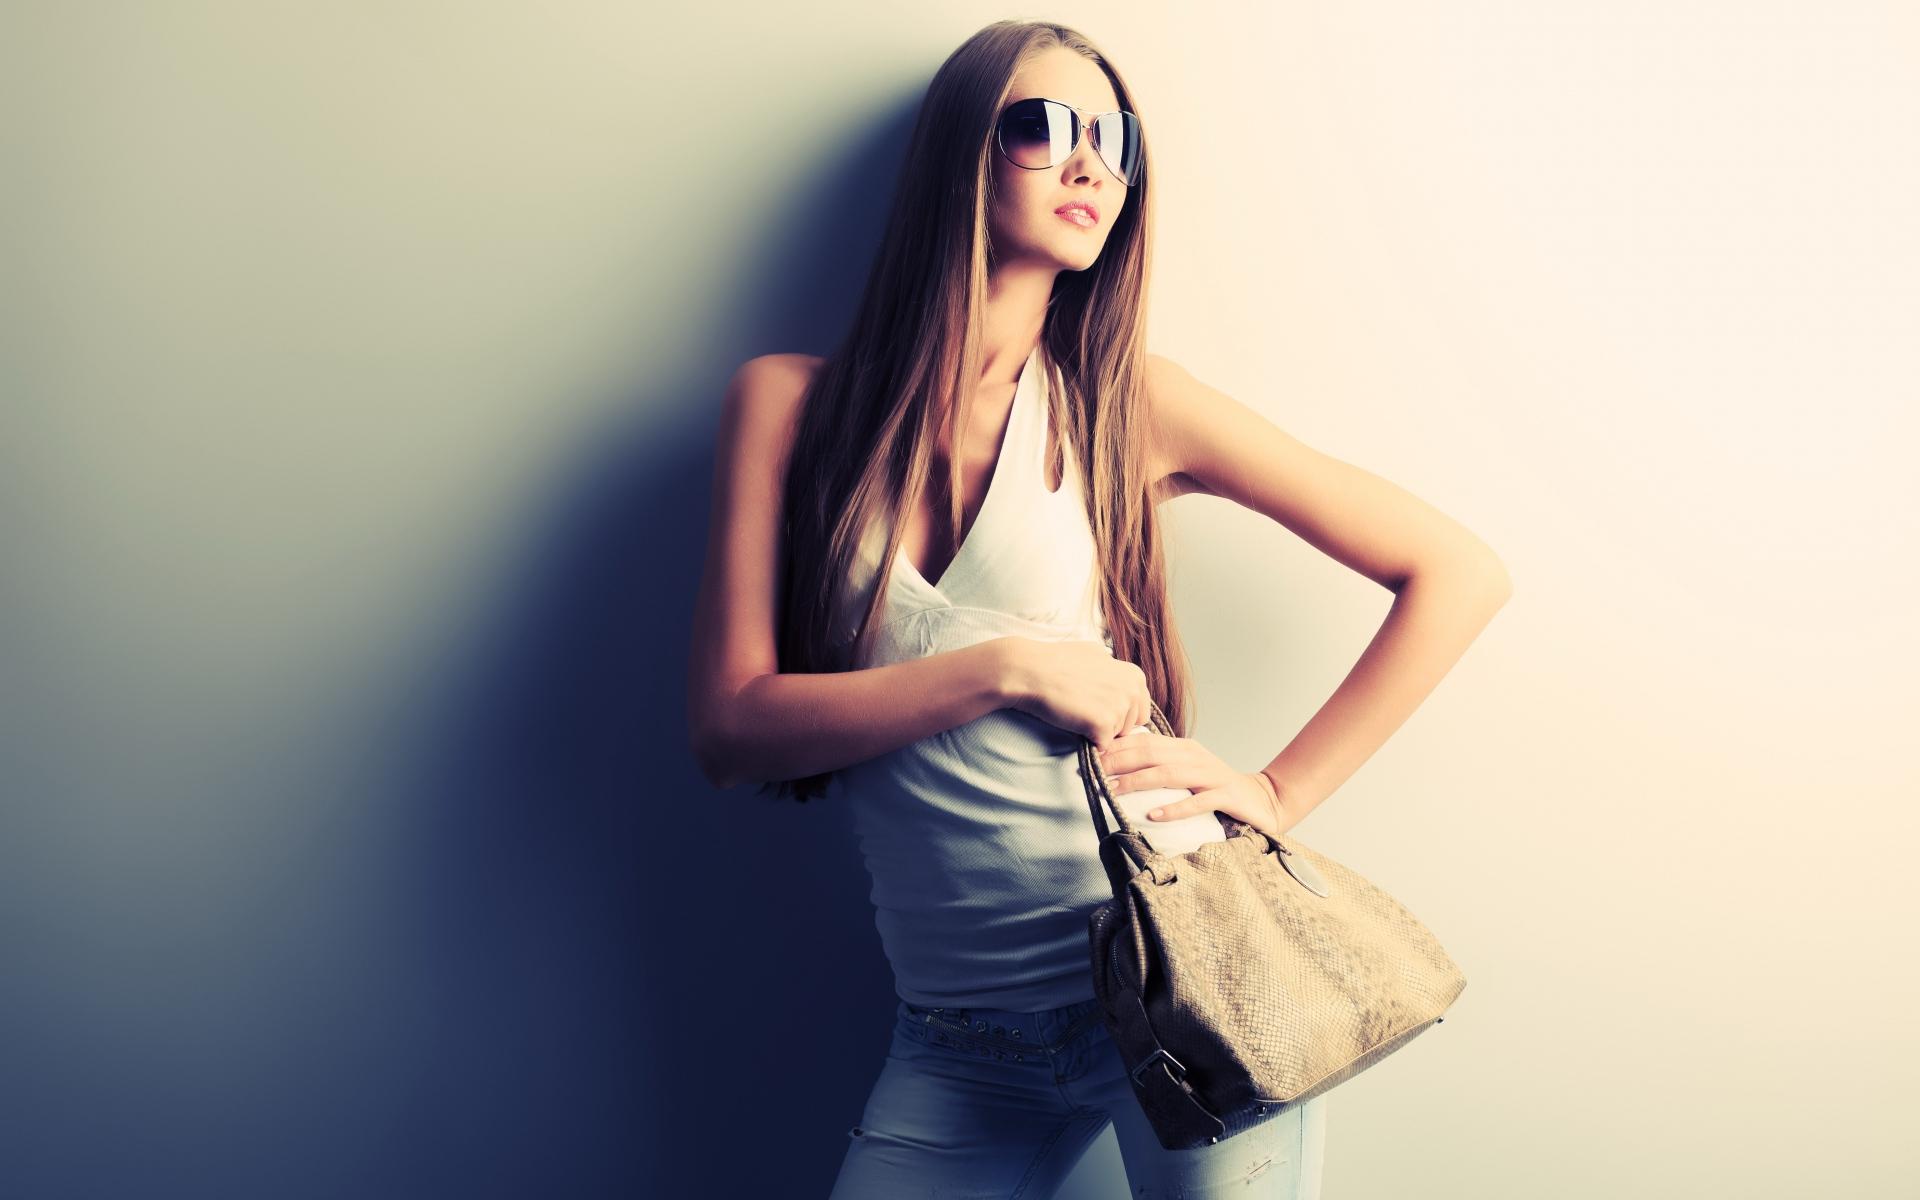 free girl glasses wallpaper 42778